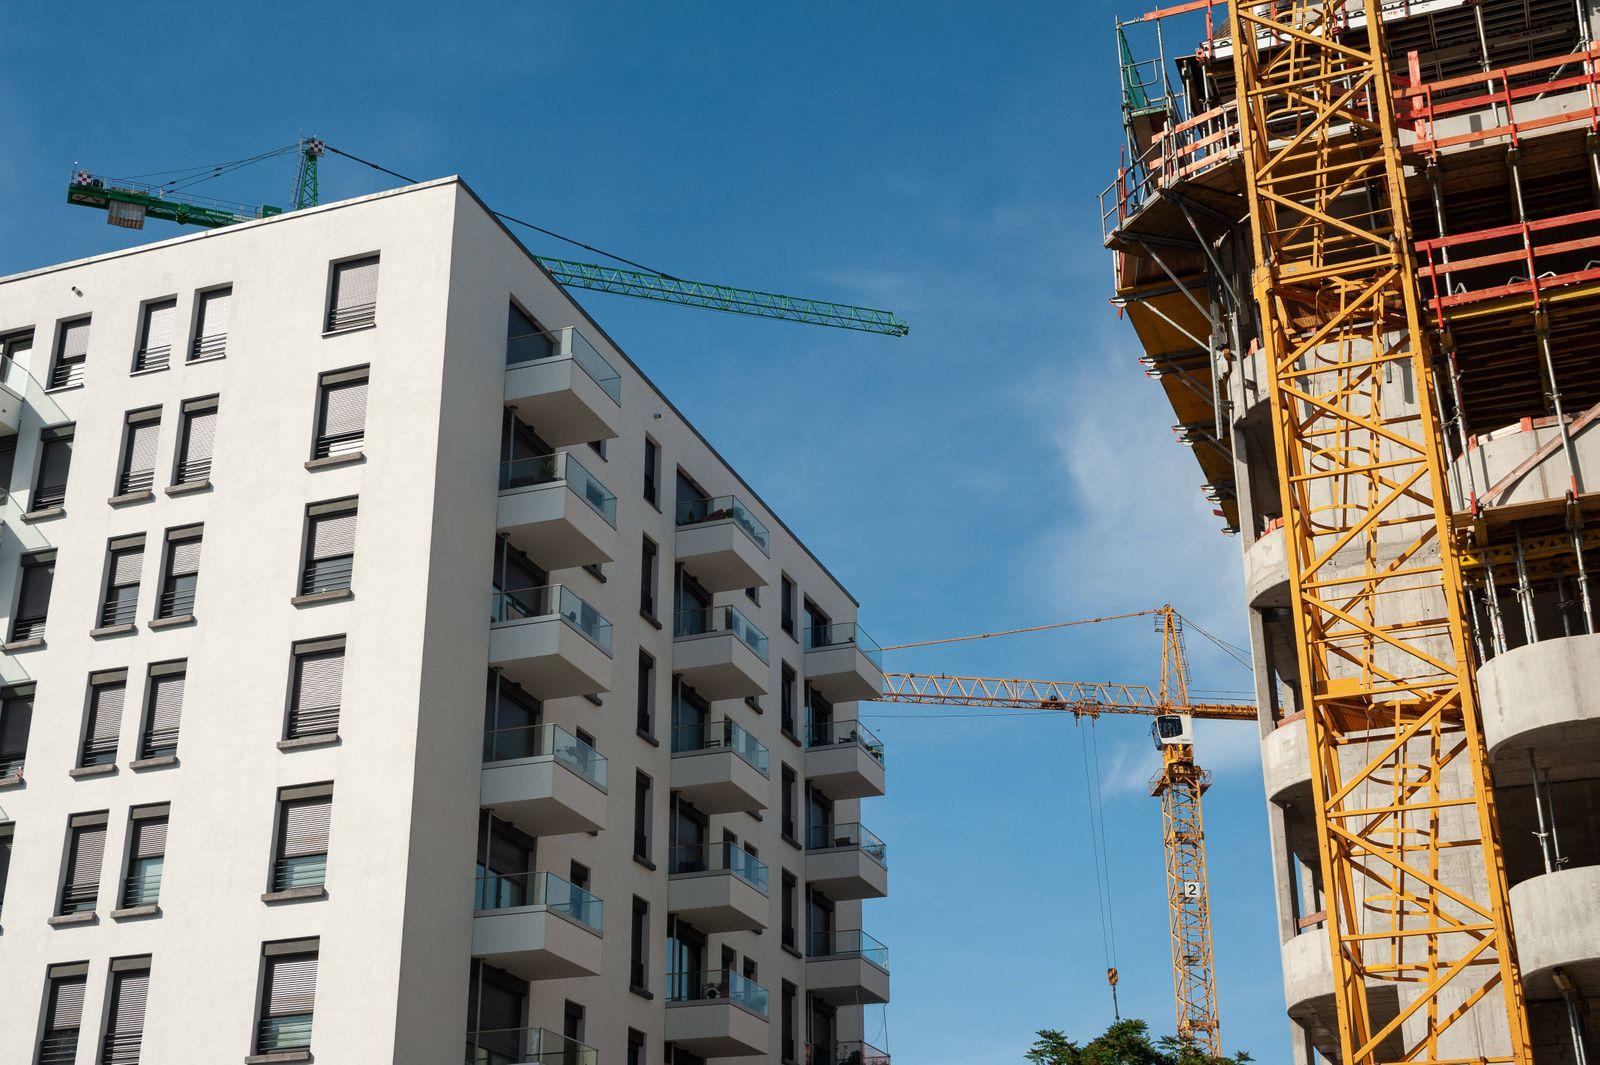 24.06.2019, Berlin, Deutschland, Europa - Wohnungsbau auf einer Baustelle am Rummelsburger Platz in Berlin-Friedrichshai